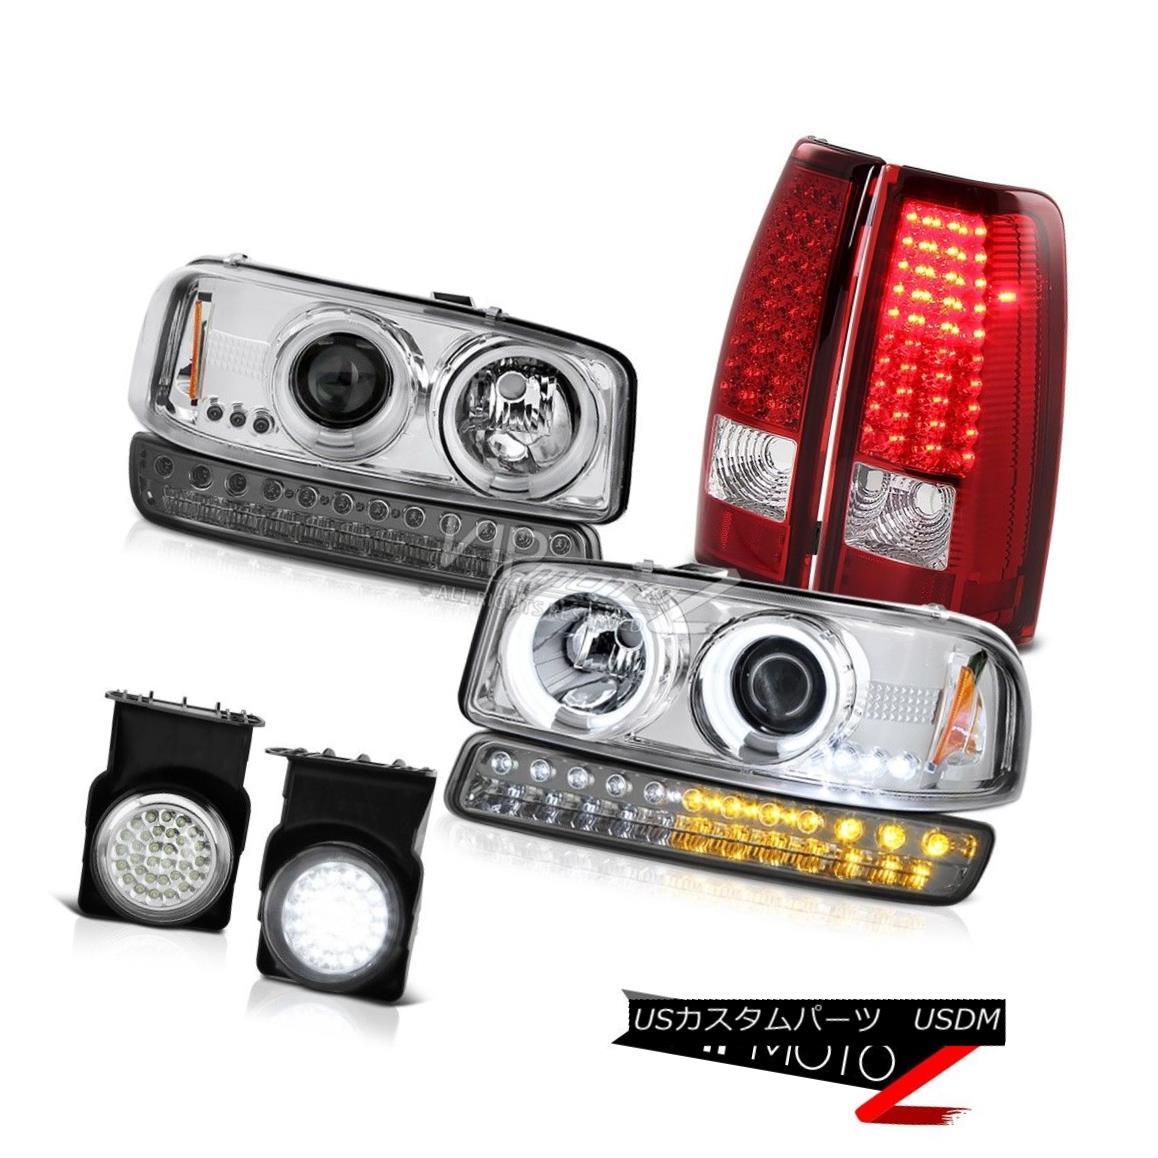 テールライト 03-06 Sierra 2500HD Foglamps LED Taillights Smokey Turn Signal CCFL Headlamps 03-06 Sierra 2500HDフォグランプLEDテールライトスモーキーターンシグナルCCFLヘッドランプ